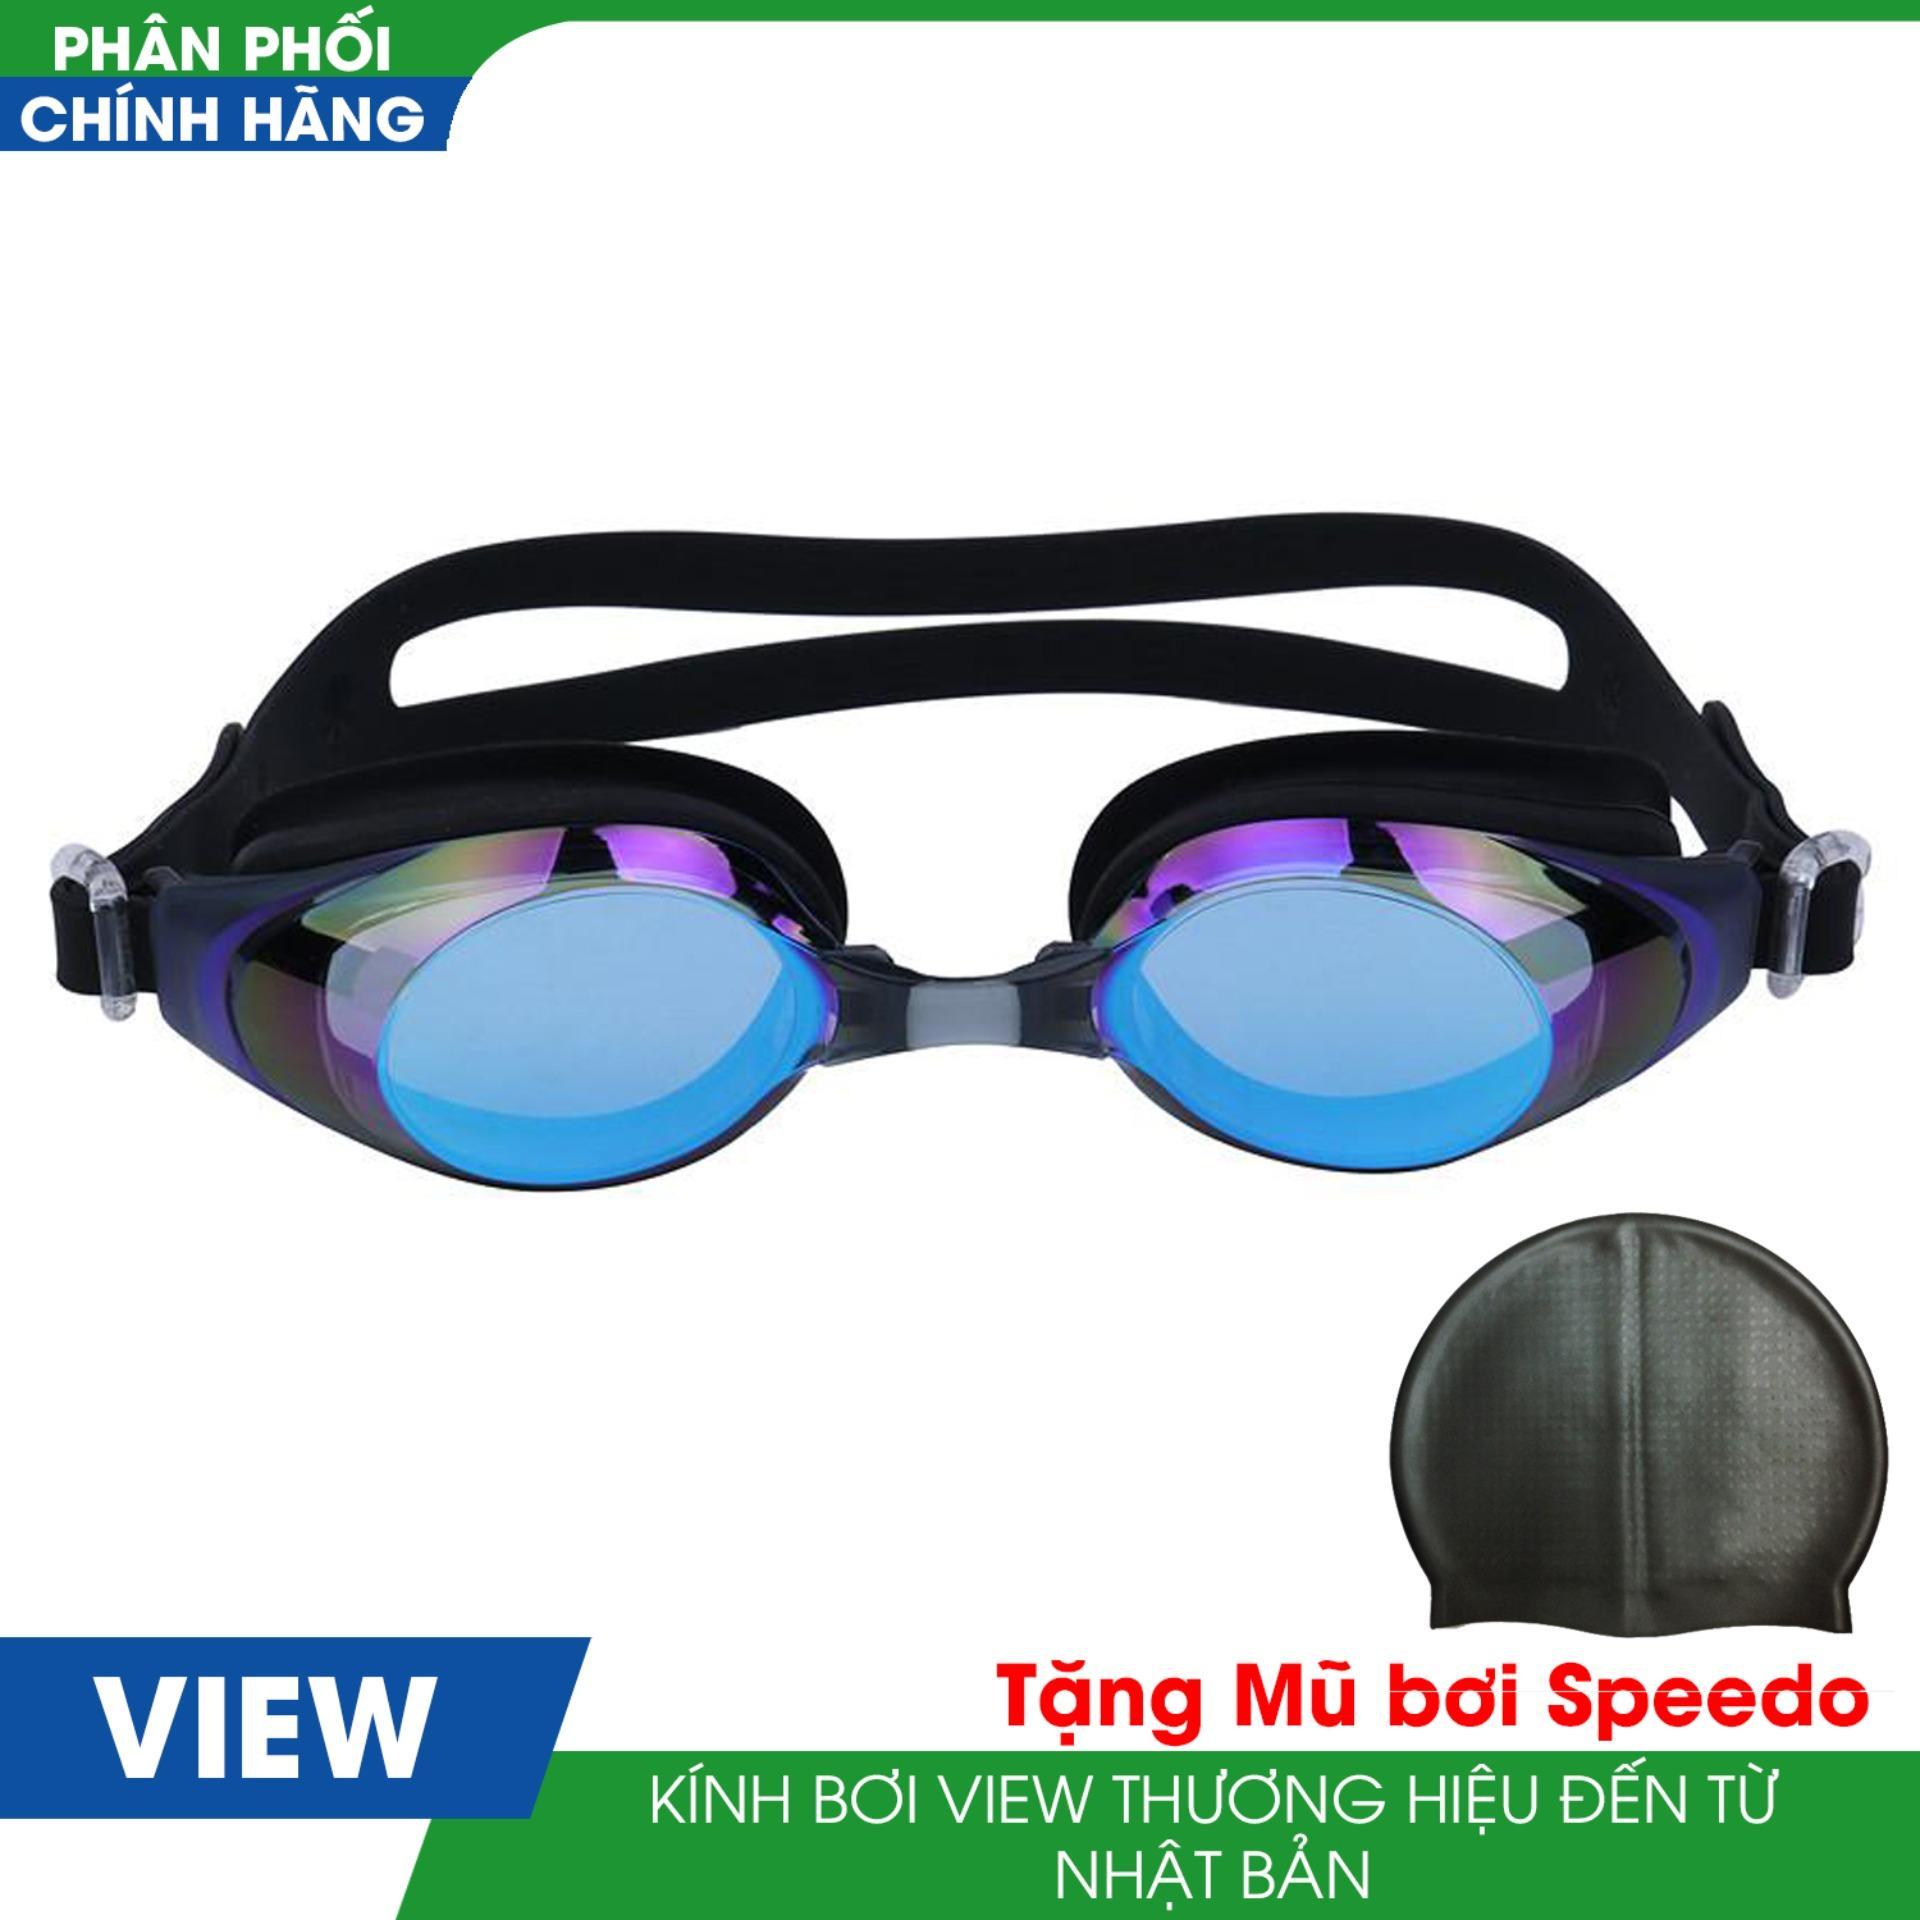 Kính Bơi View V610MR Tráng Gương Giá Rất Tiết Kiệm